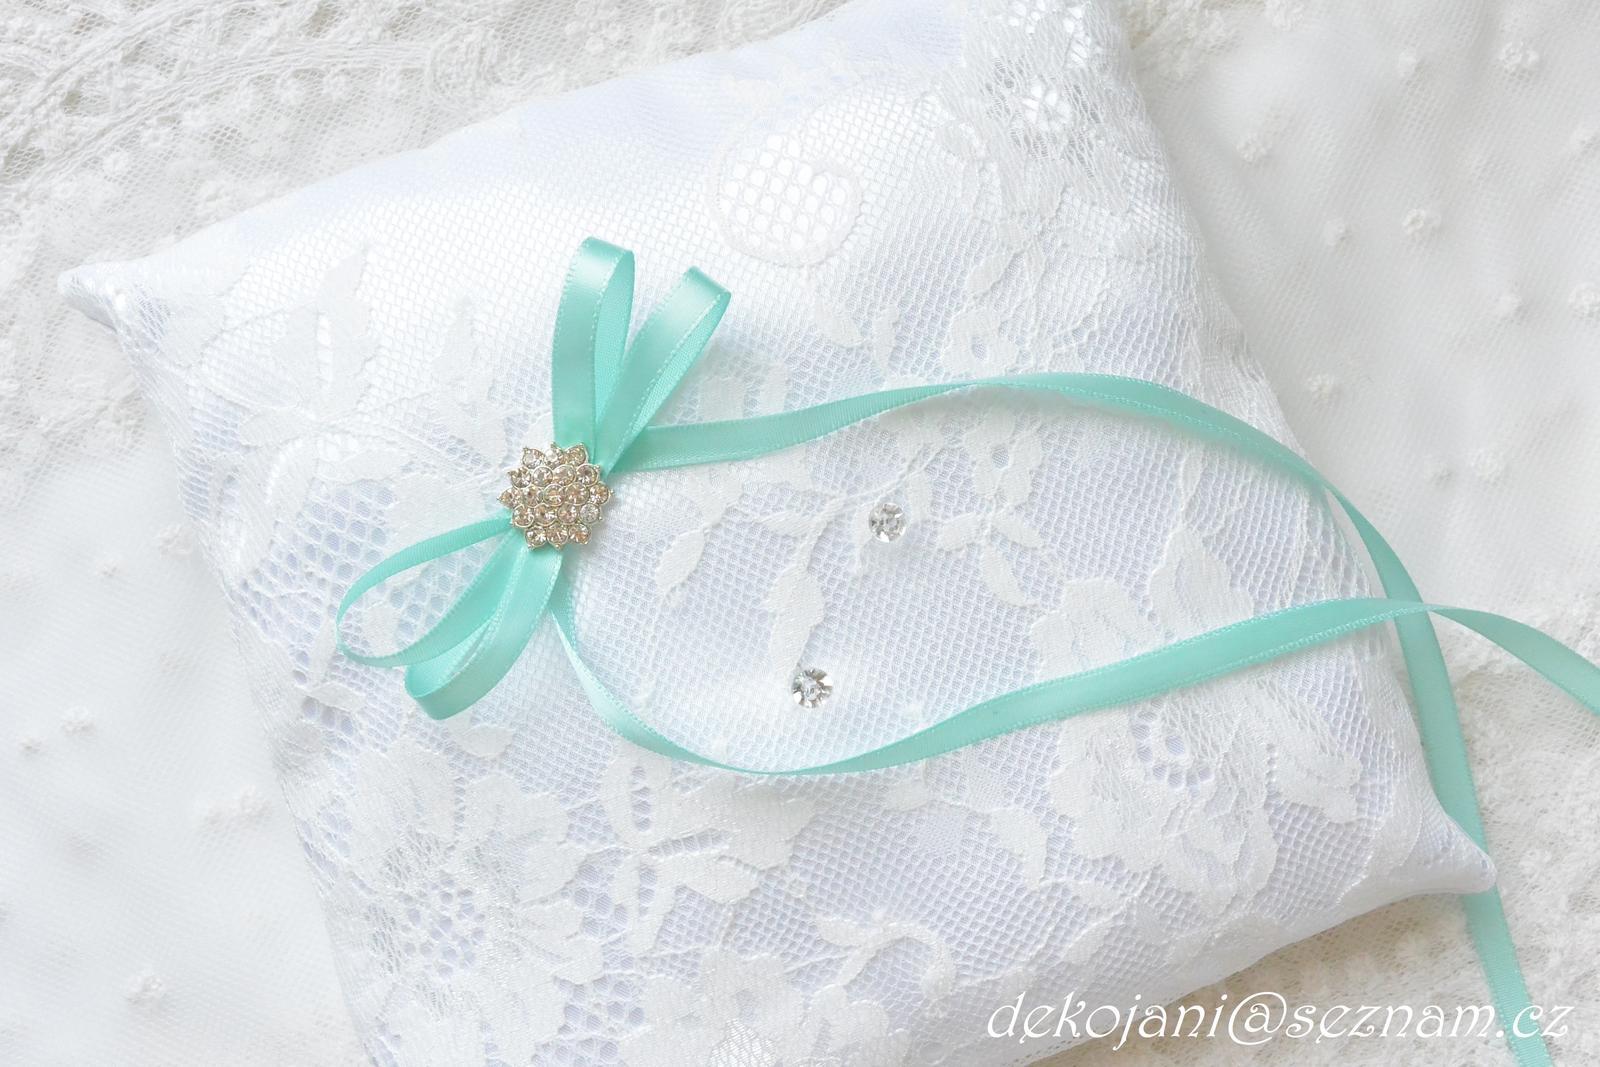 Luxusní svatební doplňky a dekorace. - Obrázek č. 55